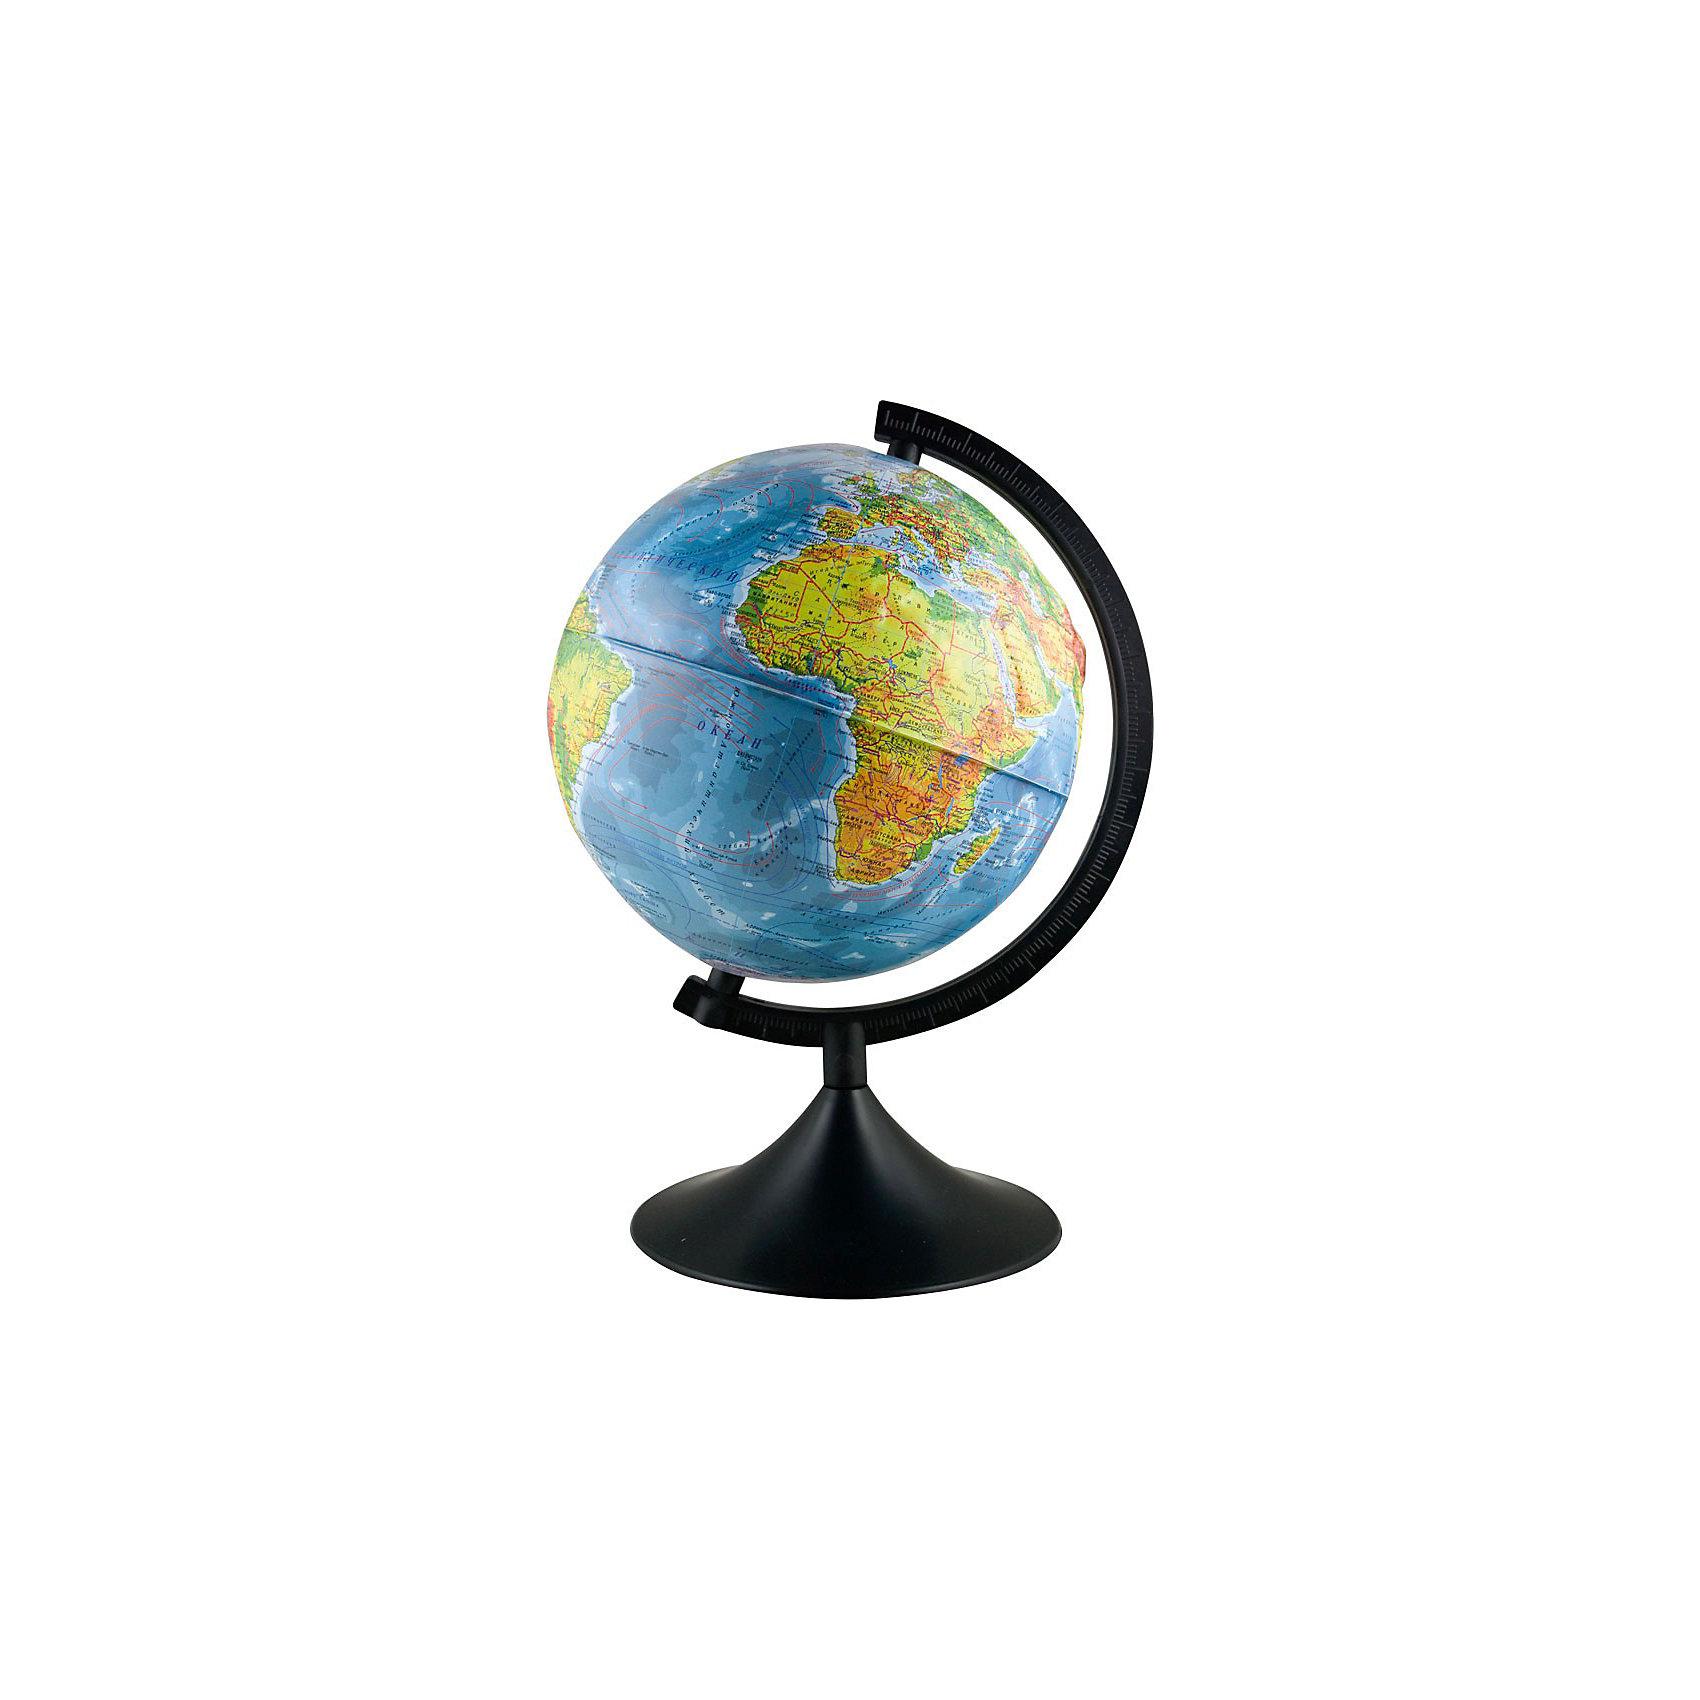 Глобус Земли Физический рельефный, TUKZARГлобусы<br>Глобус Земли Физический рельефный, TUKZAR (ТУКЗАР) станет незаменимым атрибутом обучения ребенка.<br>Существует много способов, как придать учебе игровой настрой, заинтересовать и в то же время дать ребенку необходимые знания. Давнее изобретение, никогда не теряющее свою актуальность и значение - это модель нашей Земли. С глобусами смогут работать даже самые маленькие, они дают полет фантазии и интеллектуально развивают ребенка. Настольный глобус на удобной подставке вращается вокруг собственной оси.<br><br>Дополнительная информация:<br><br>- Диаметр: 210 мм<br>- Масштаб: 1:60000000<br>- Покрытие: пластик<br>- Язык: русский<br><br>Глобус Земли Физический рельефный, TUKZAR (ТУКЗАР) можно купить в нашем интернет-магазине.<br><br>Ширина мм: 210<br>Глубина мм: 210<br>Высота мм: 210<br>Вес г: 500<br>Возраст от месяцев: 36<br>Возраст до месяцев: 144<br>Пол: Унисекс<br>Возраст: Детский<br>SKU: 3743889